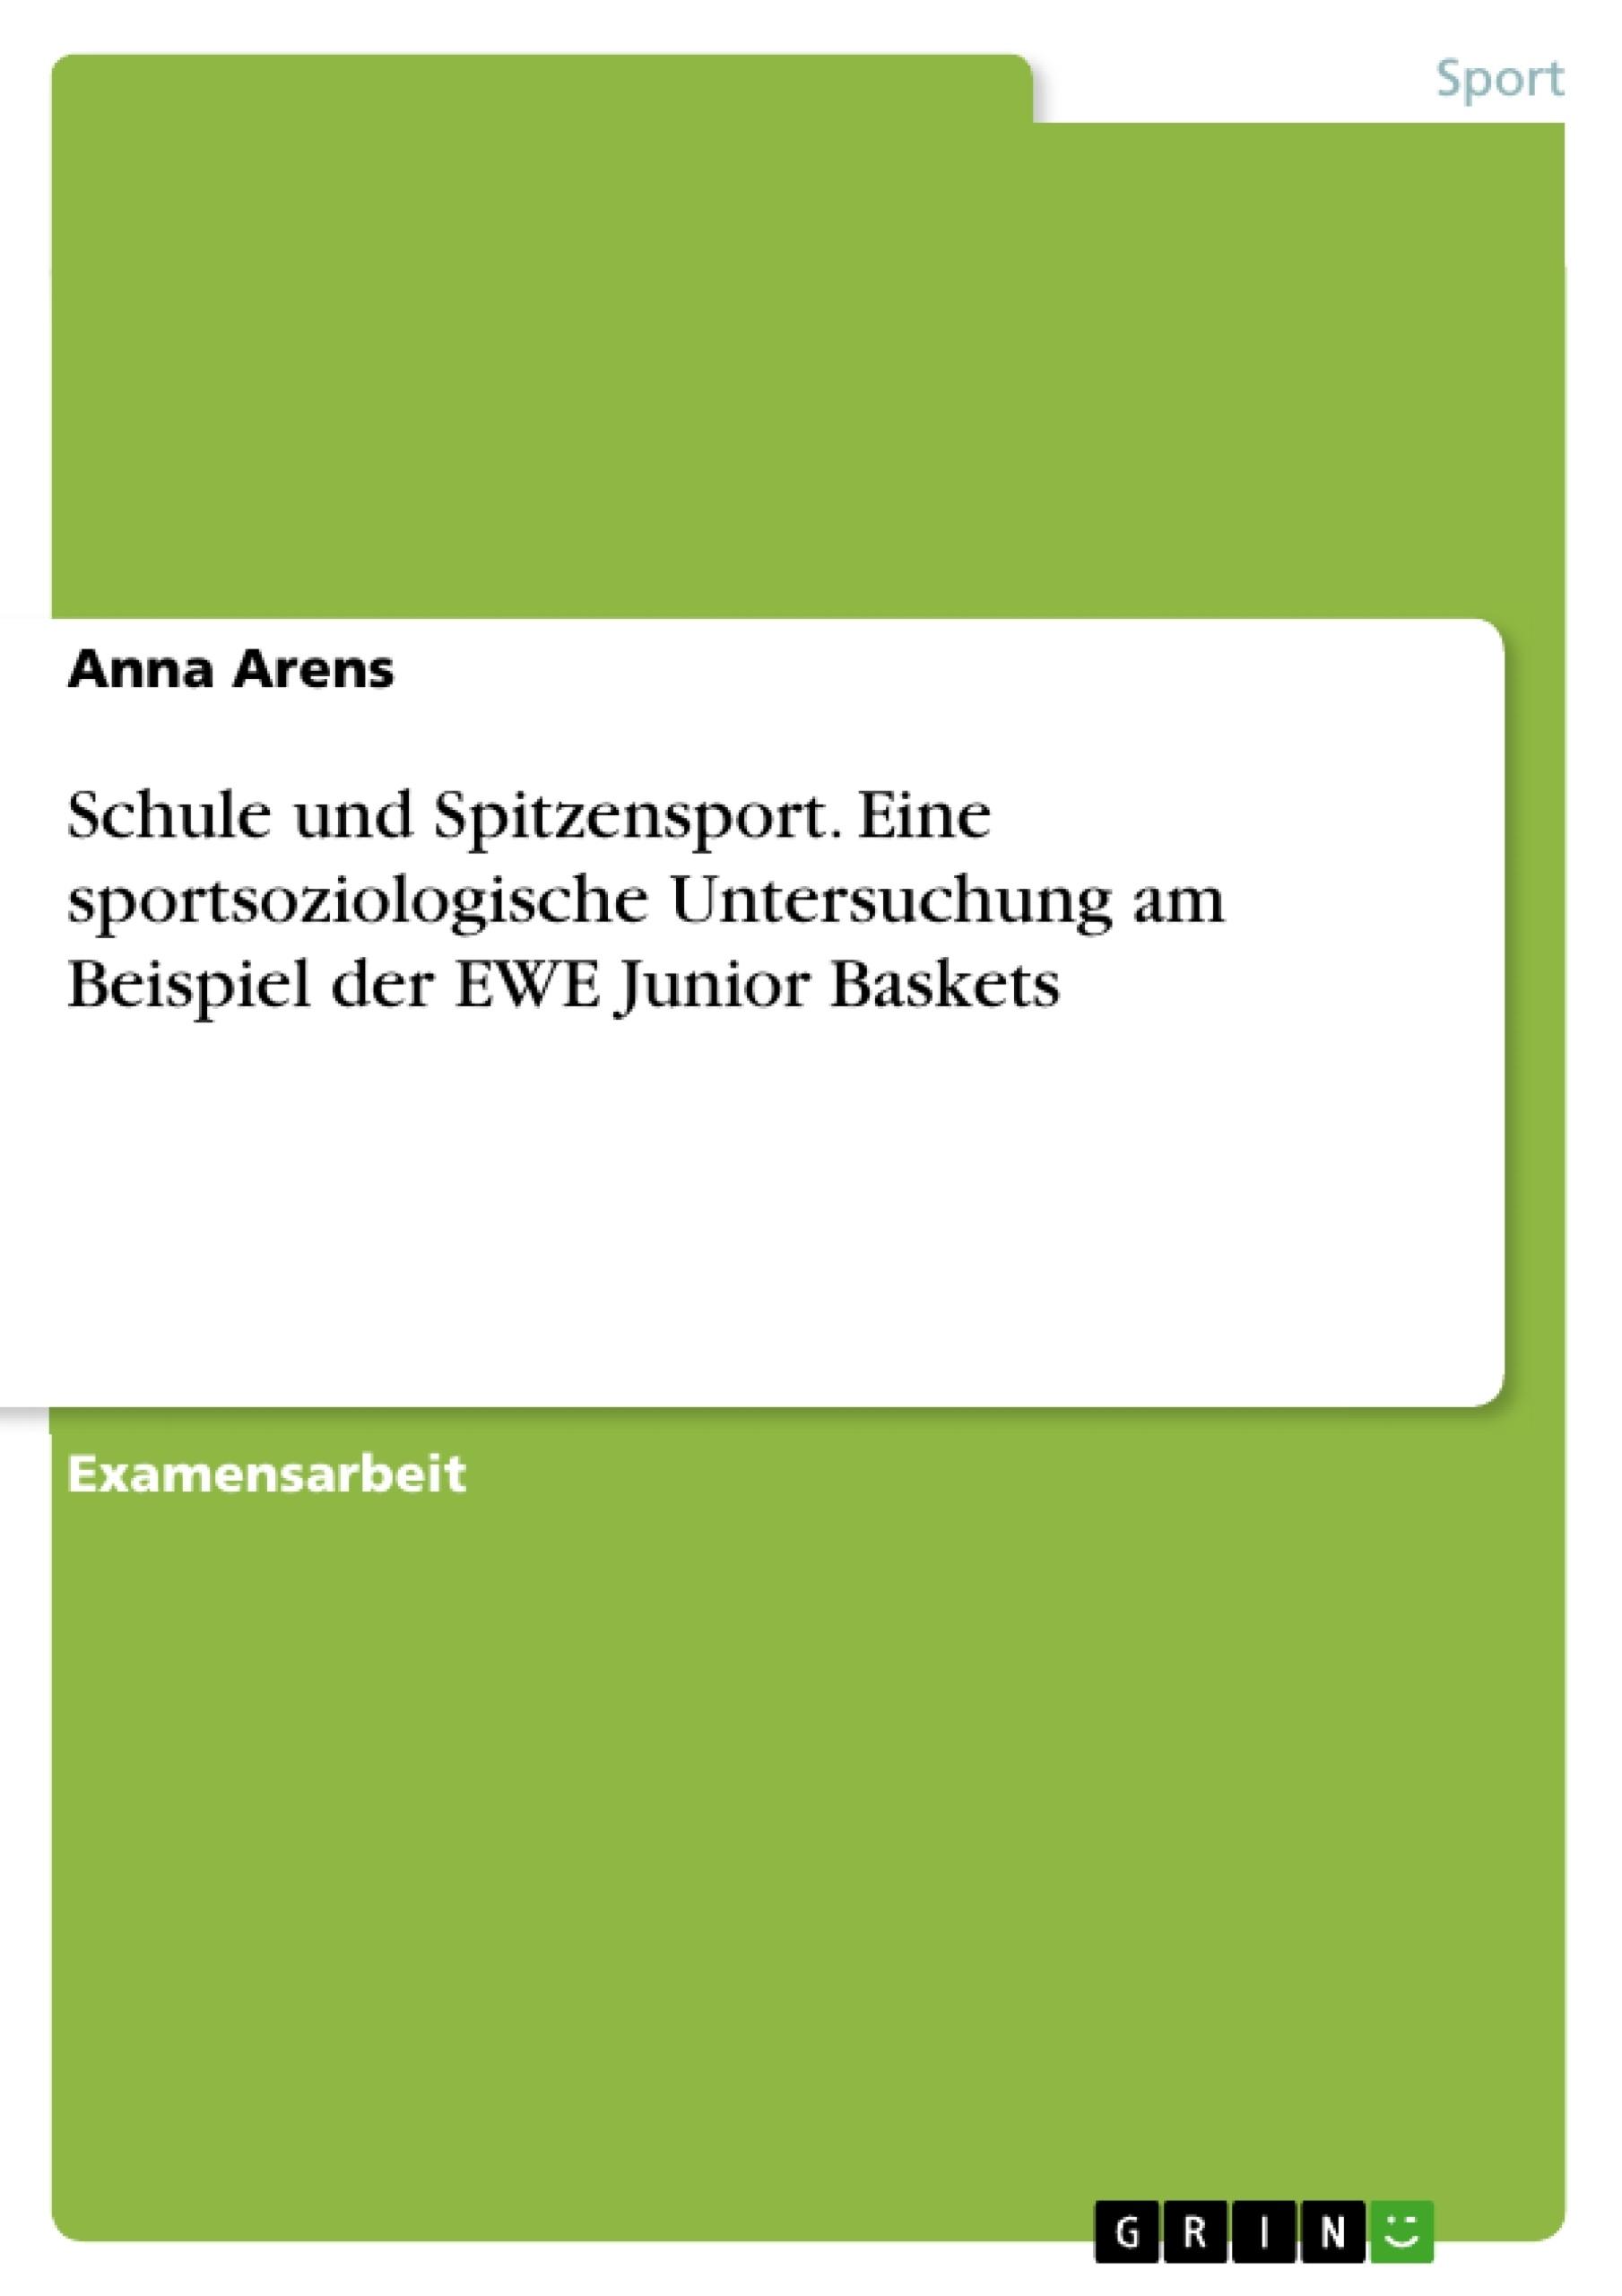 Titel: Schule und Spitzensport. Eine sportsoziologische Untersuchung am Beispiel der EWE Junior Baskets